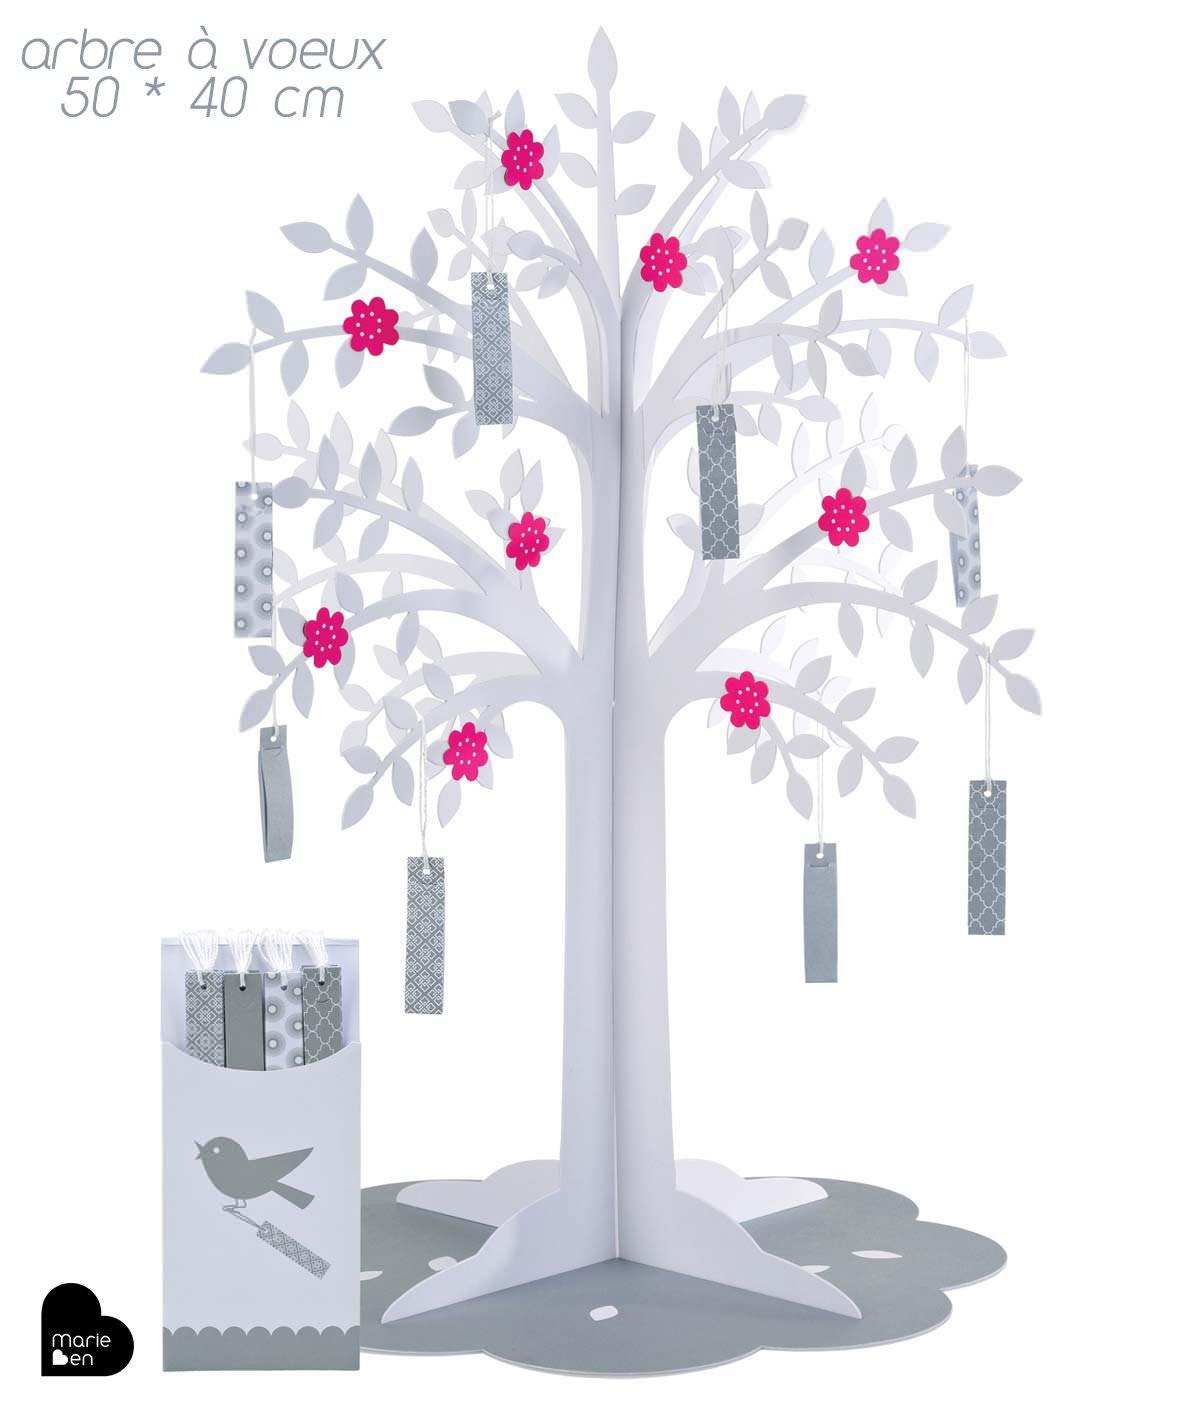 Arbre souhaits arbre voeux la star des arbres - Arbre decoratif pour mariage ...